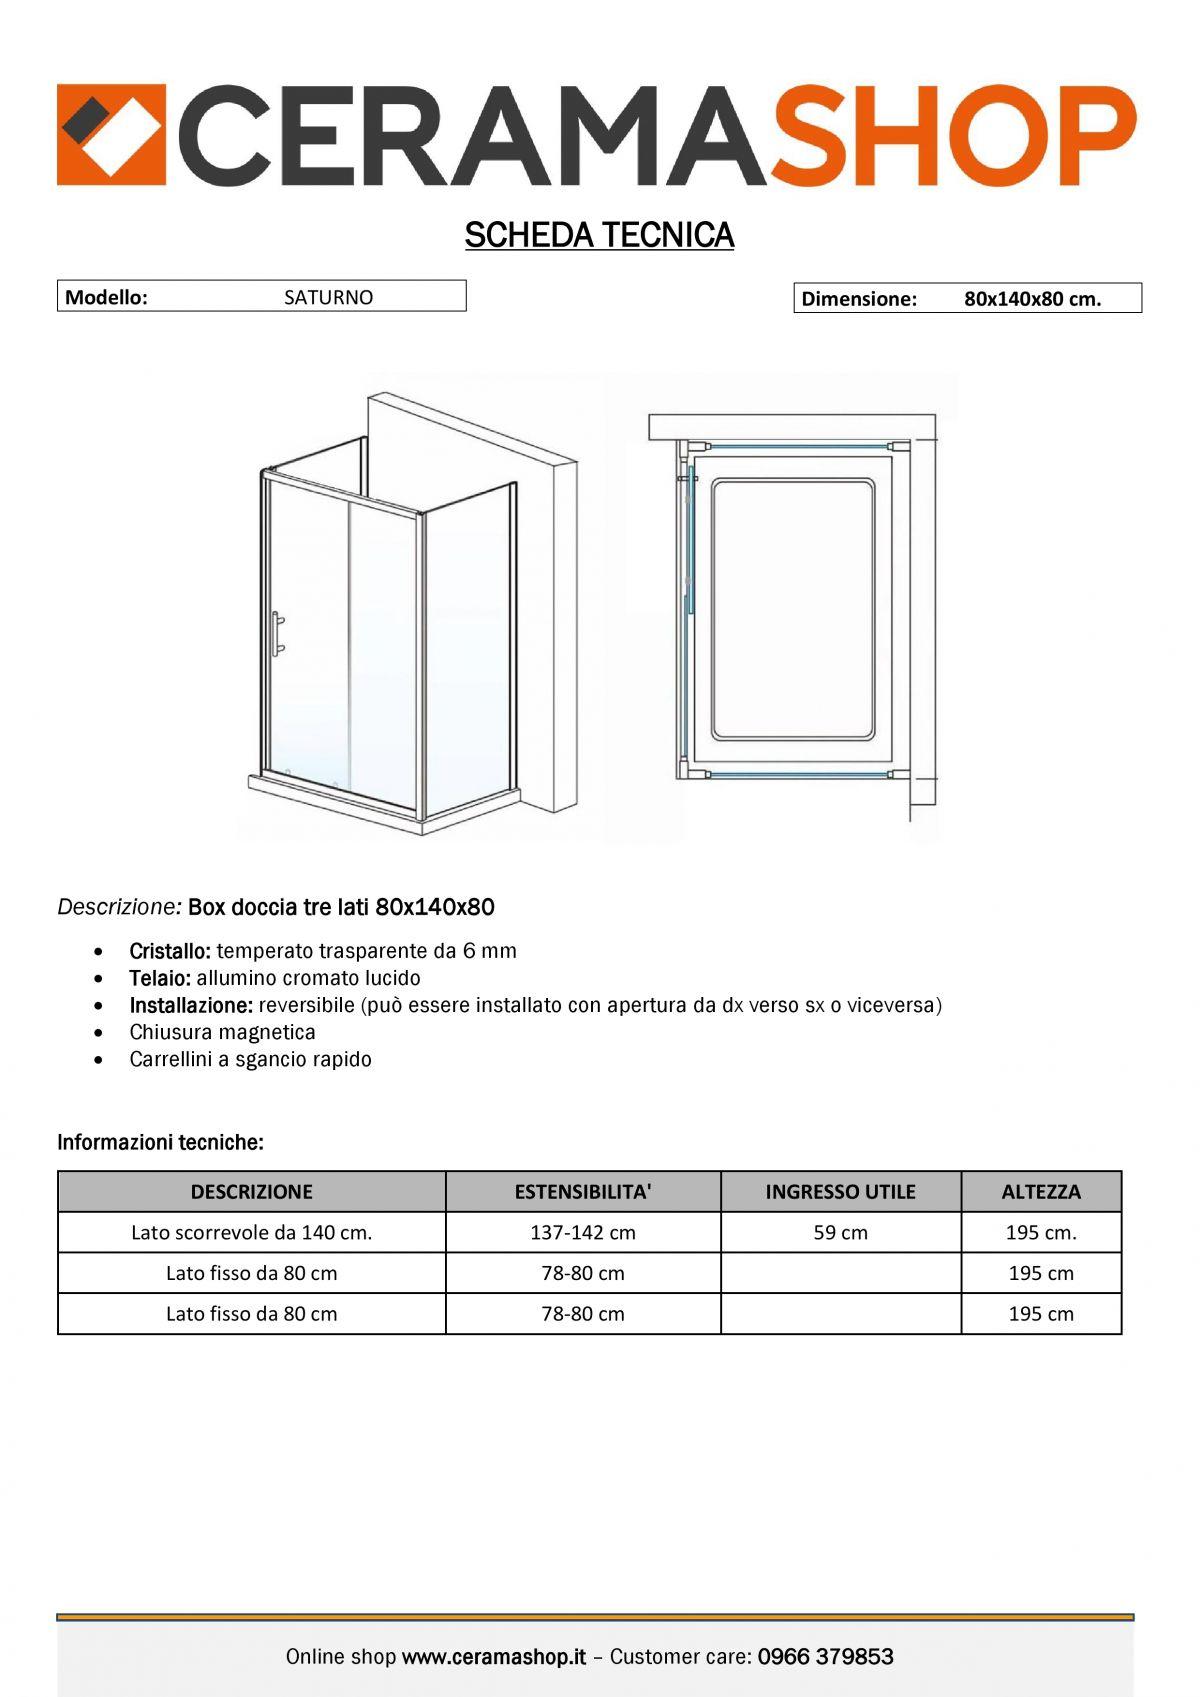 """80x140x80 0000012 scaled Box Cabina doccia tre lati """"Saturno"""" 80x140x80 cm scorrevole cristallo trasparente 6 mm"""